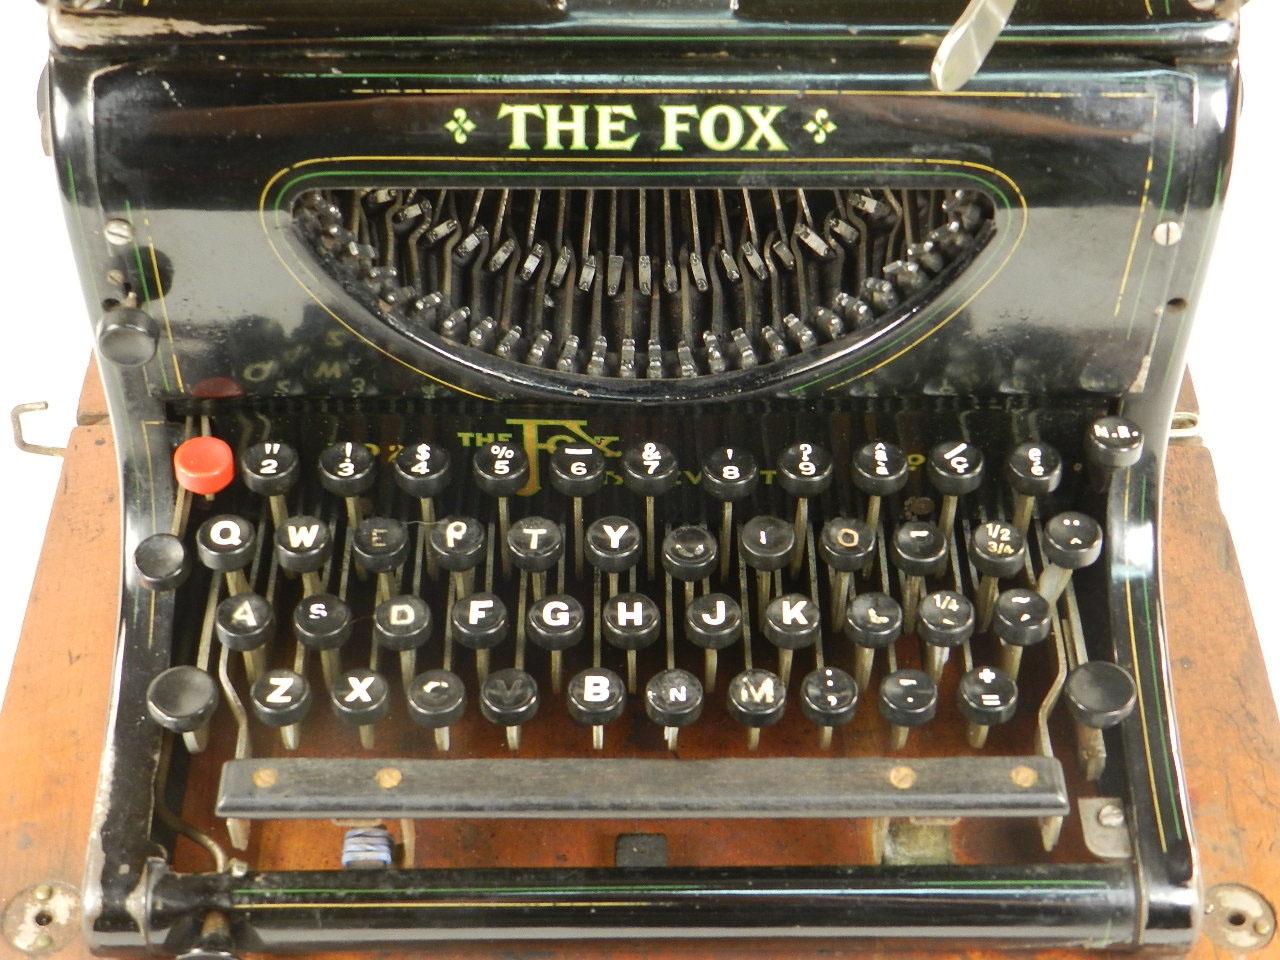 Imagen FOX Nº24 AÑO 1907 23330